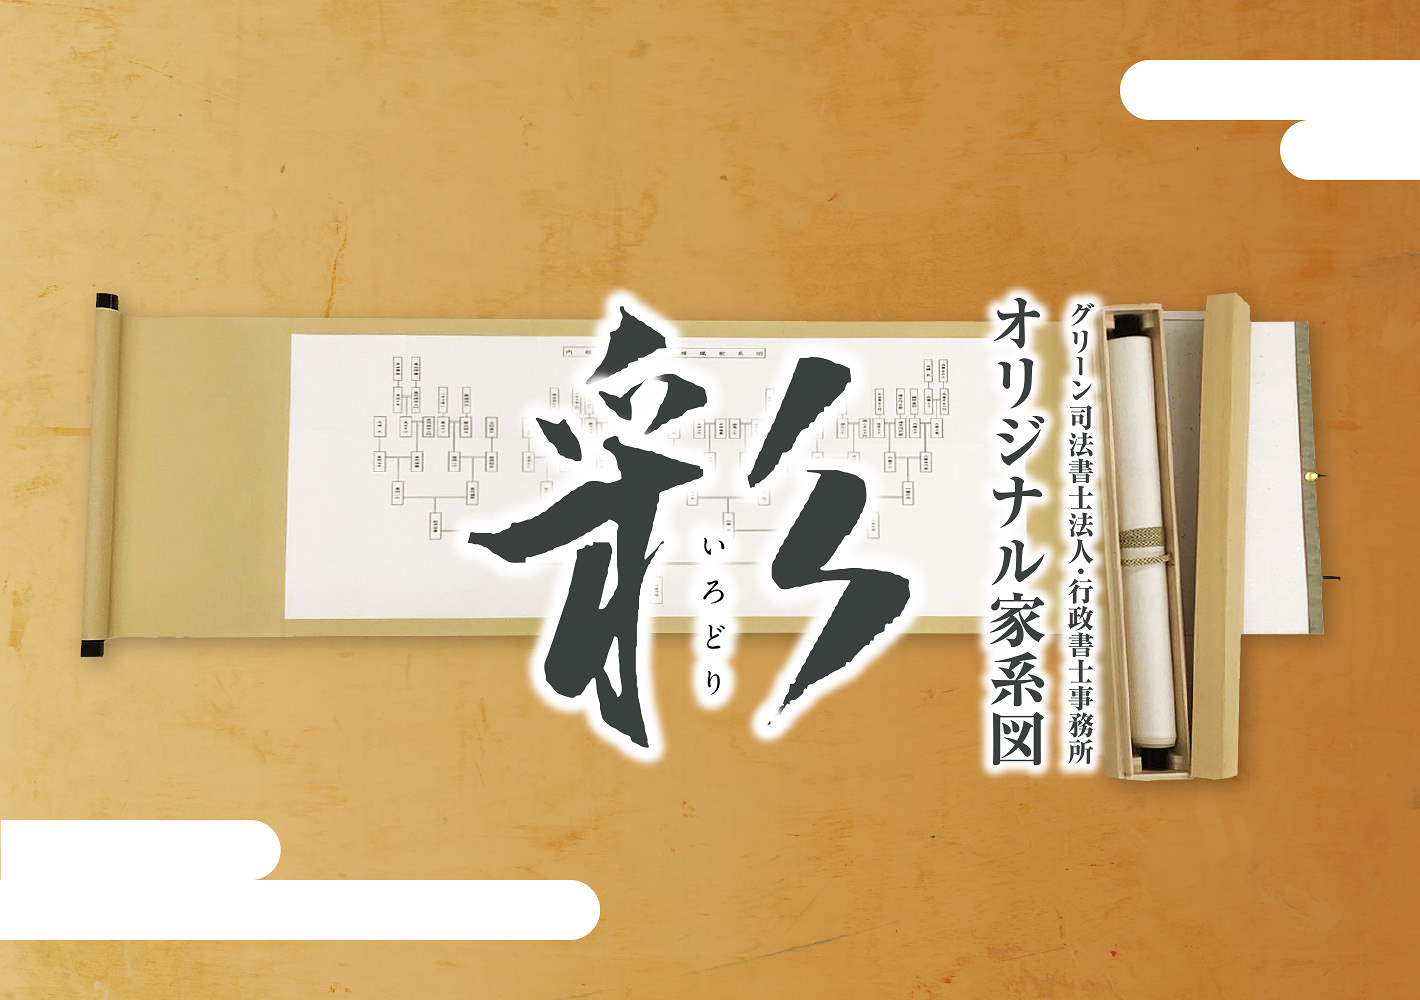 グリーン司法書士法人・行政書士事務所オリジナル家系図彩(いろどり)